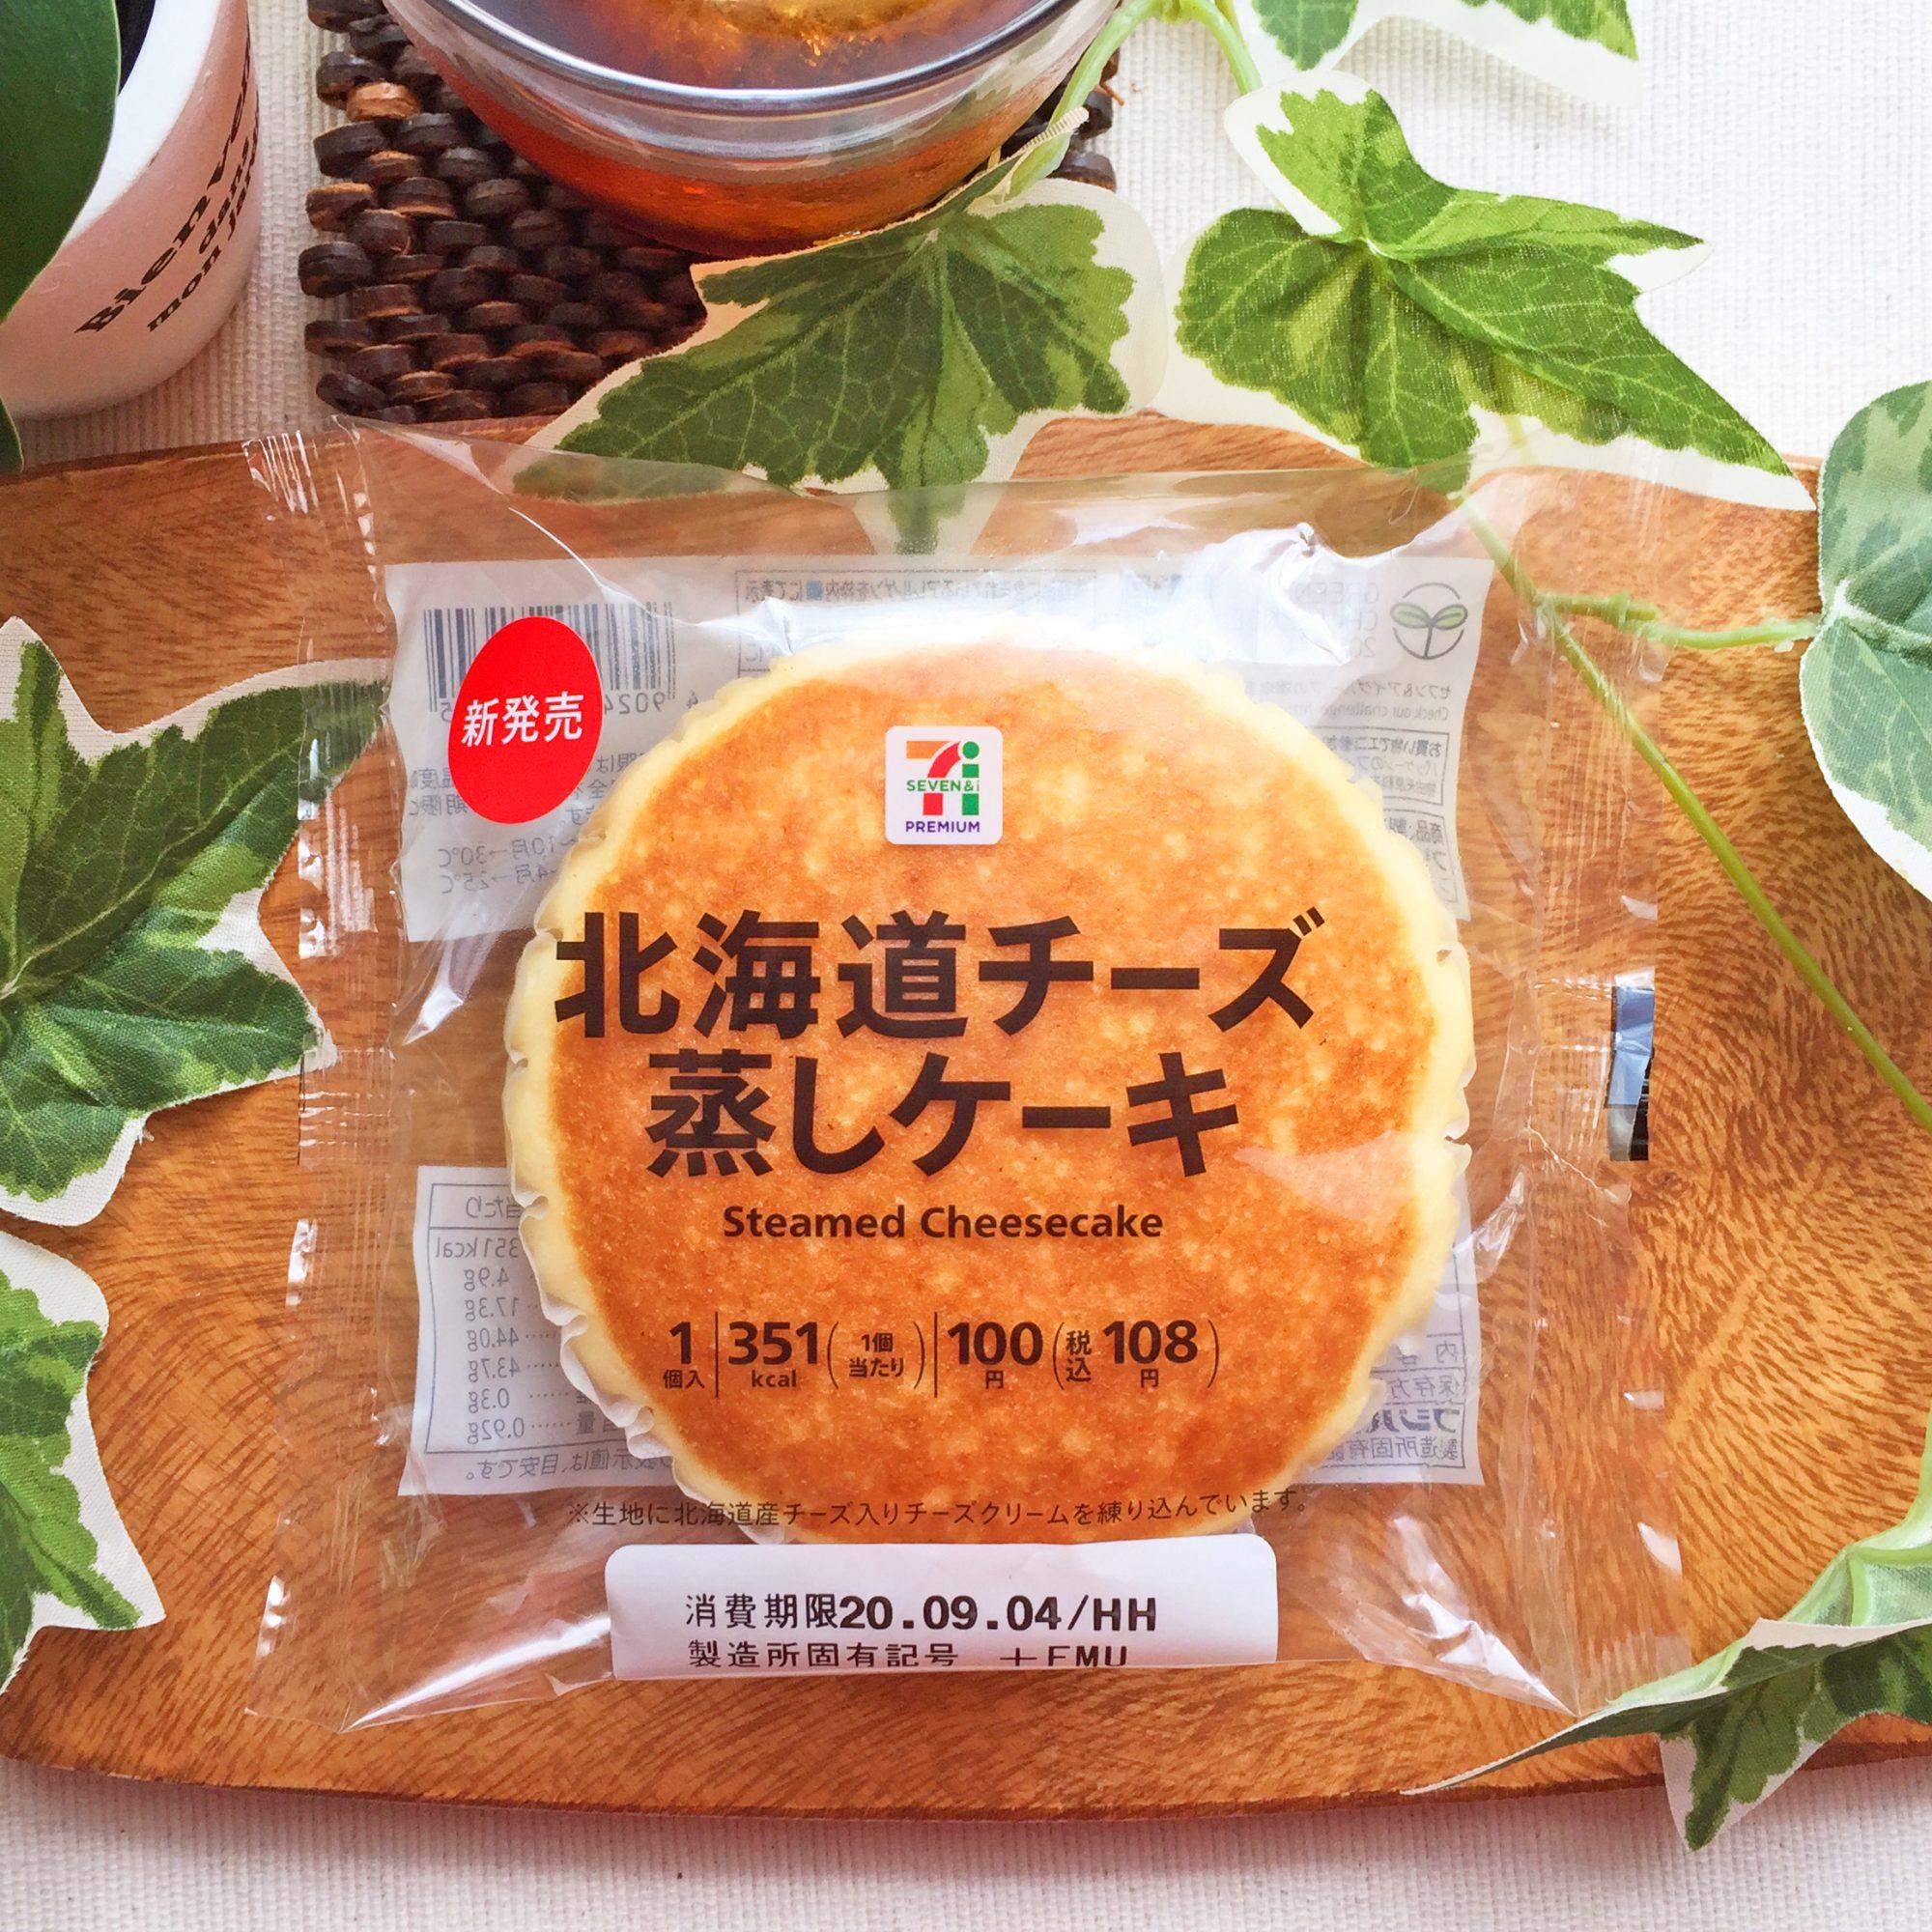 セブン−イレブン『7P北海道チーズ 蒸しケーキ』はふわふわしっとりした生地とチーズのコクの最強タッグ◎ビジュアルも美人すぎるアート系菓子パン!